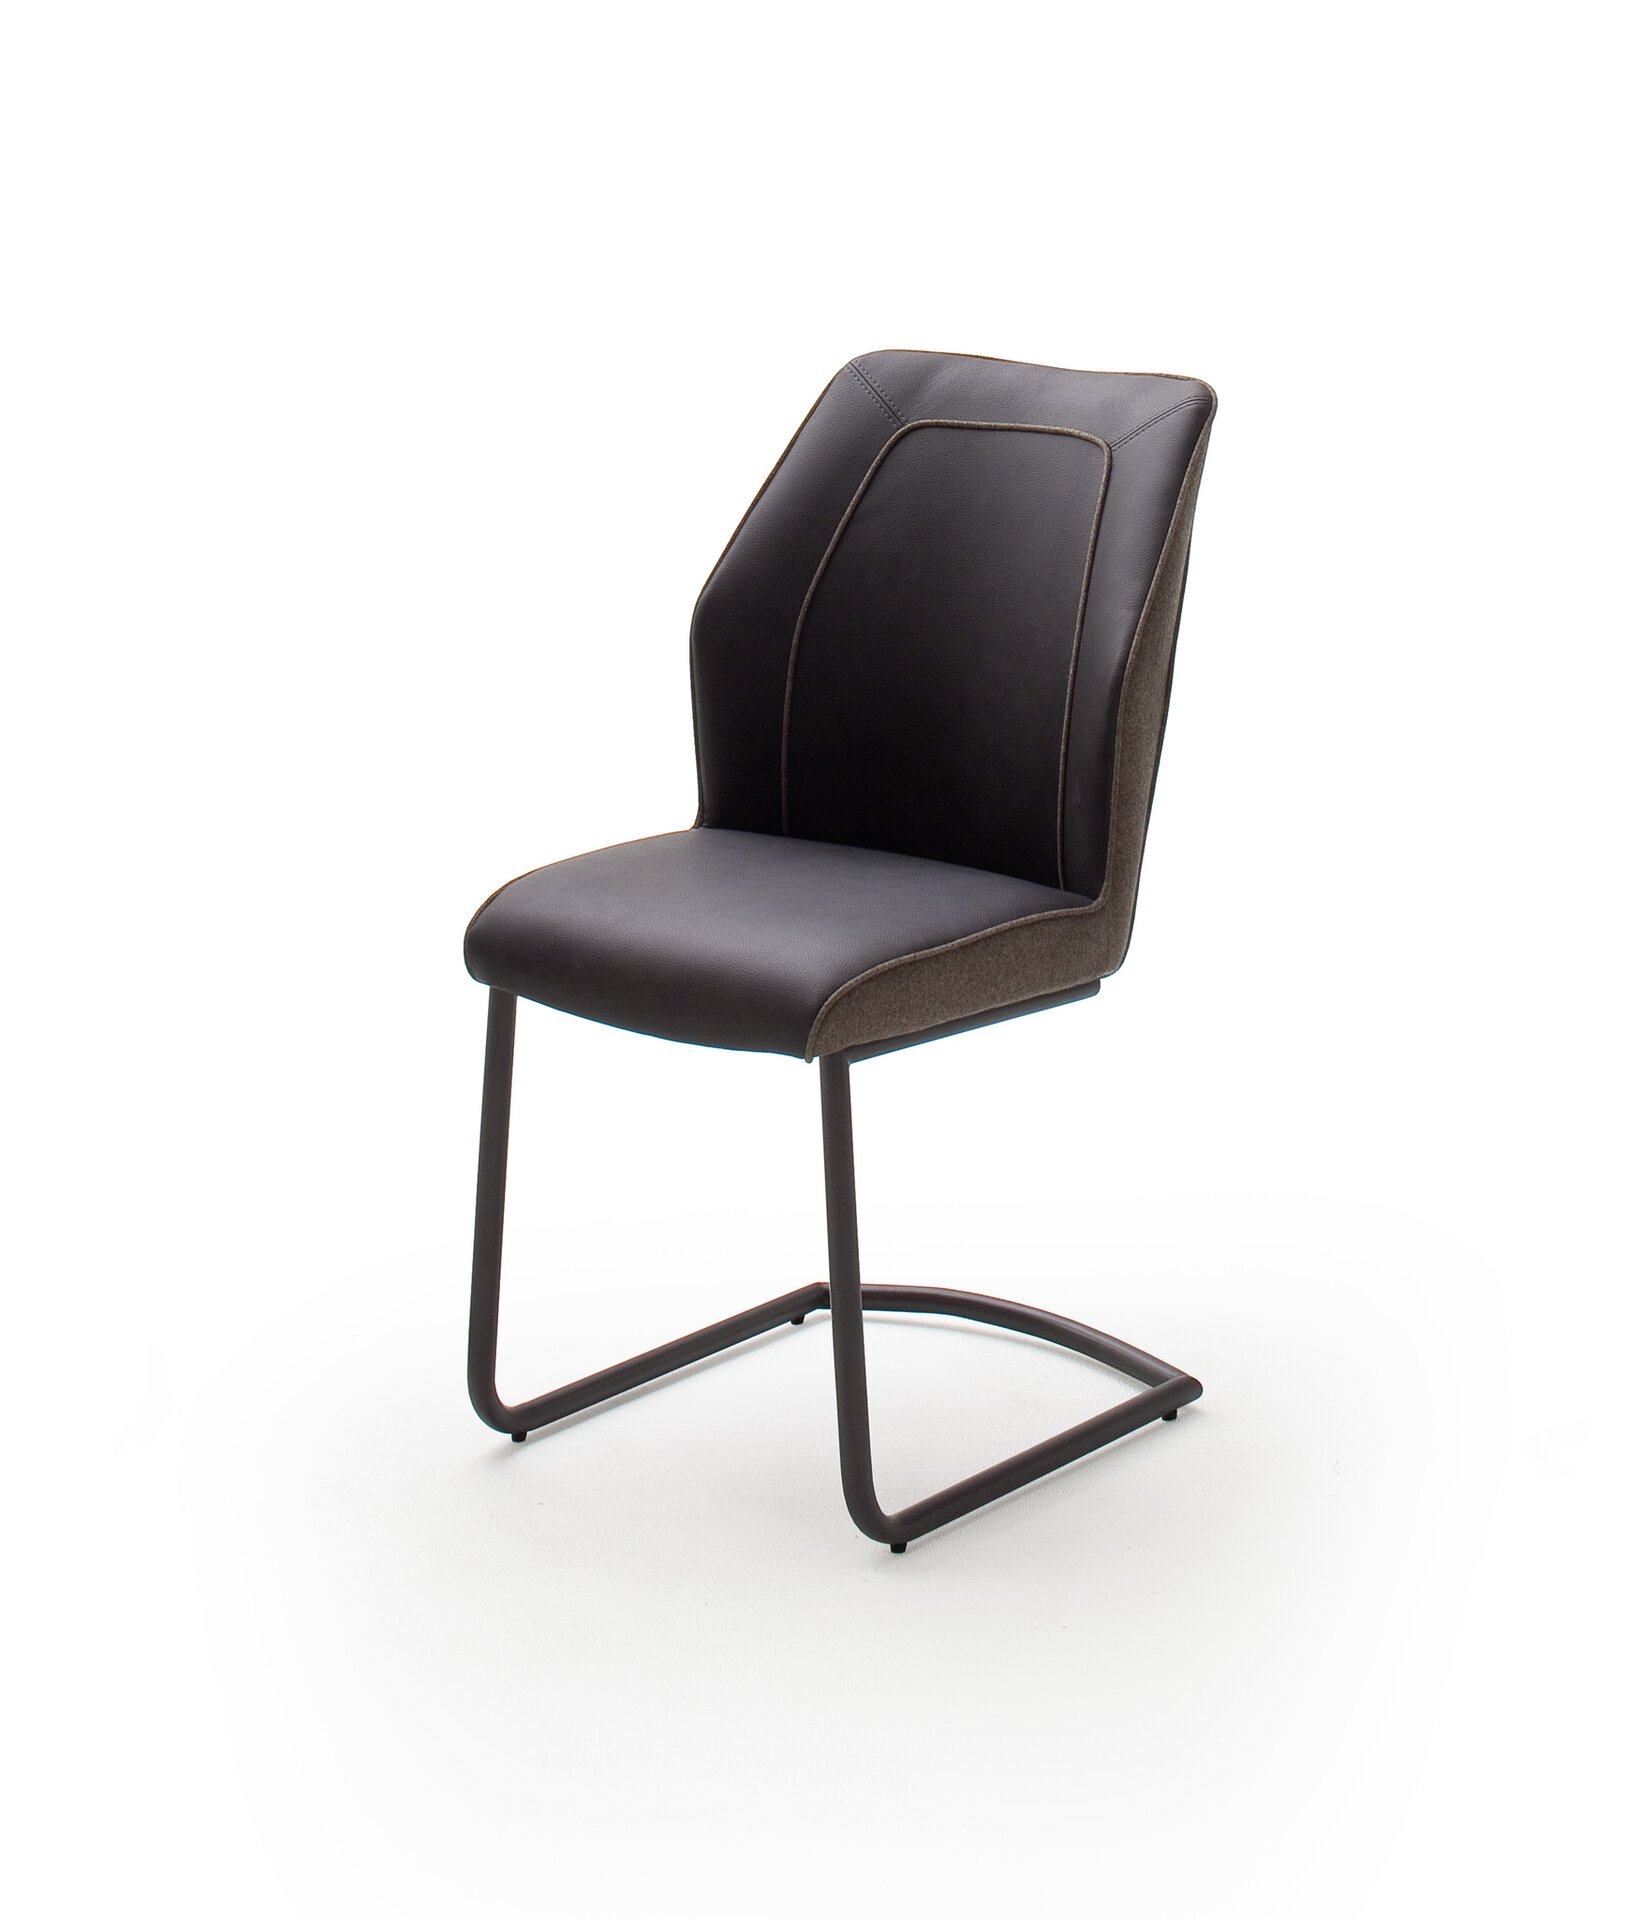 Freischwingerstuhl ABERDEEN MCA furniture Textil mehrfarbig 62 x 92 x 50 cm